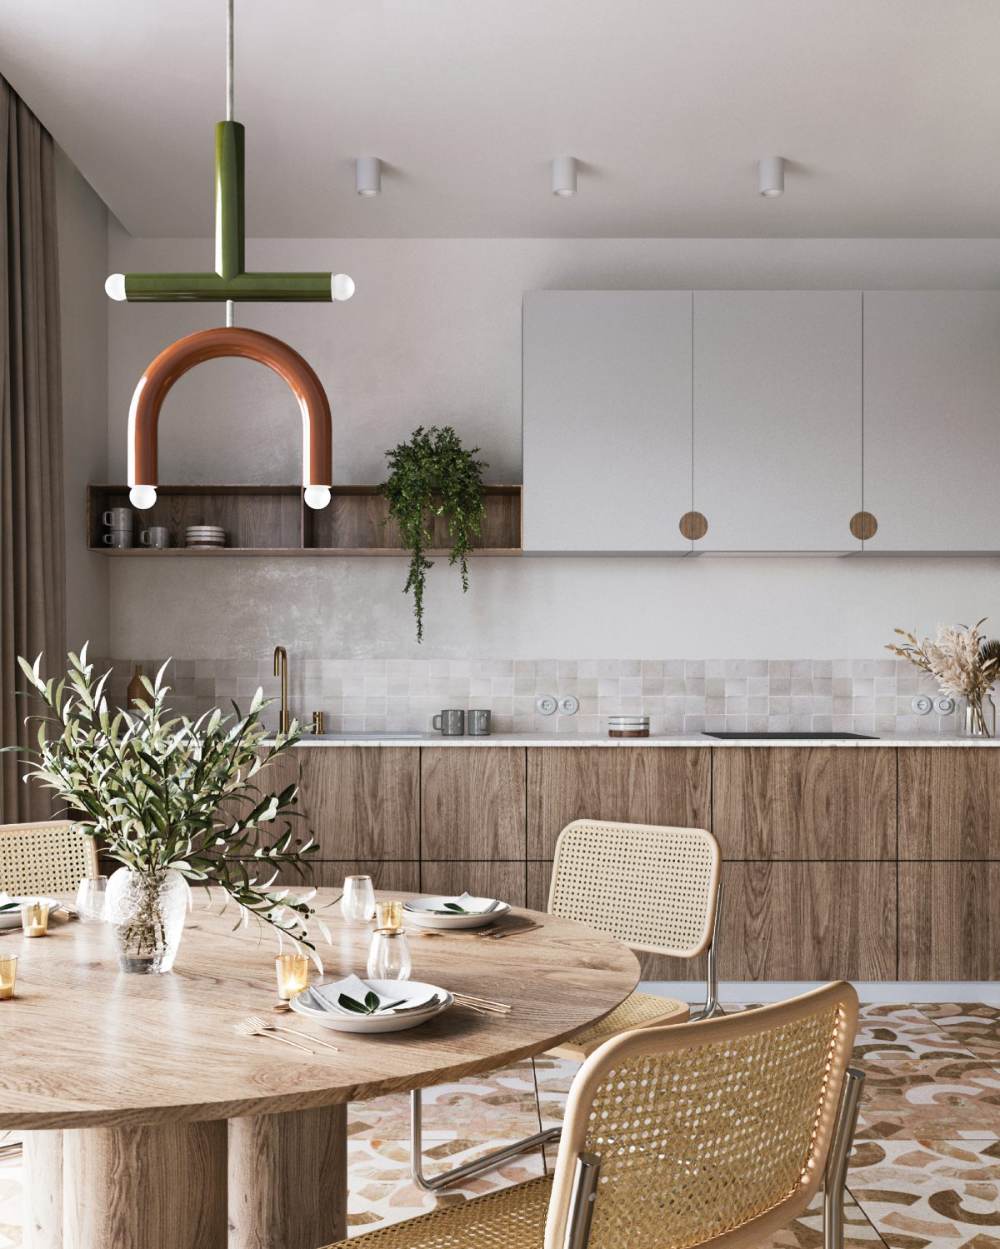 47 Metrowe Mieszkanie W Uppsali W Szwecji Proj Linie W Przestrzeni Ih Internity Home Decor Interior Design Kitchen Table